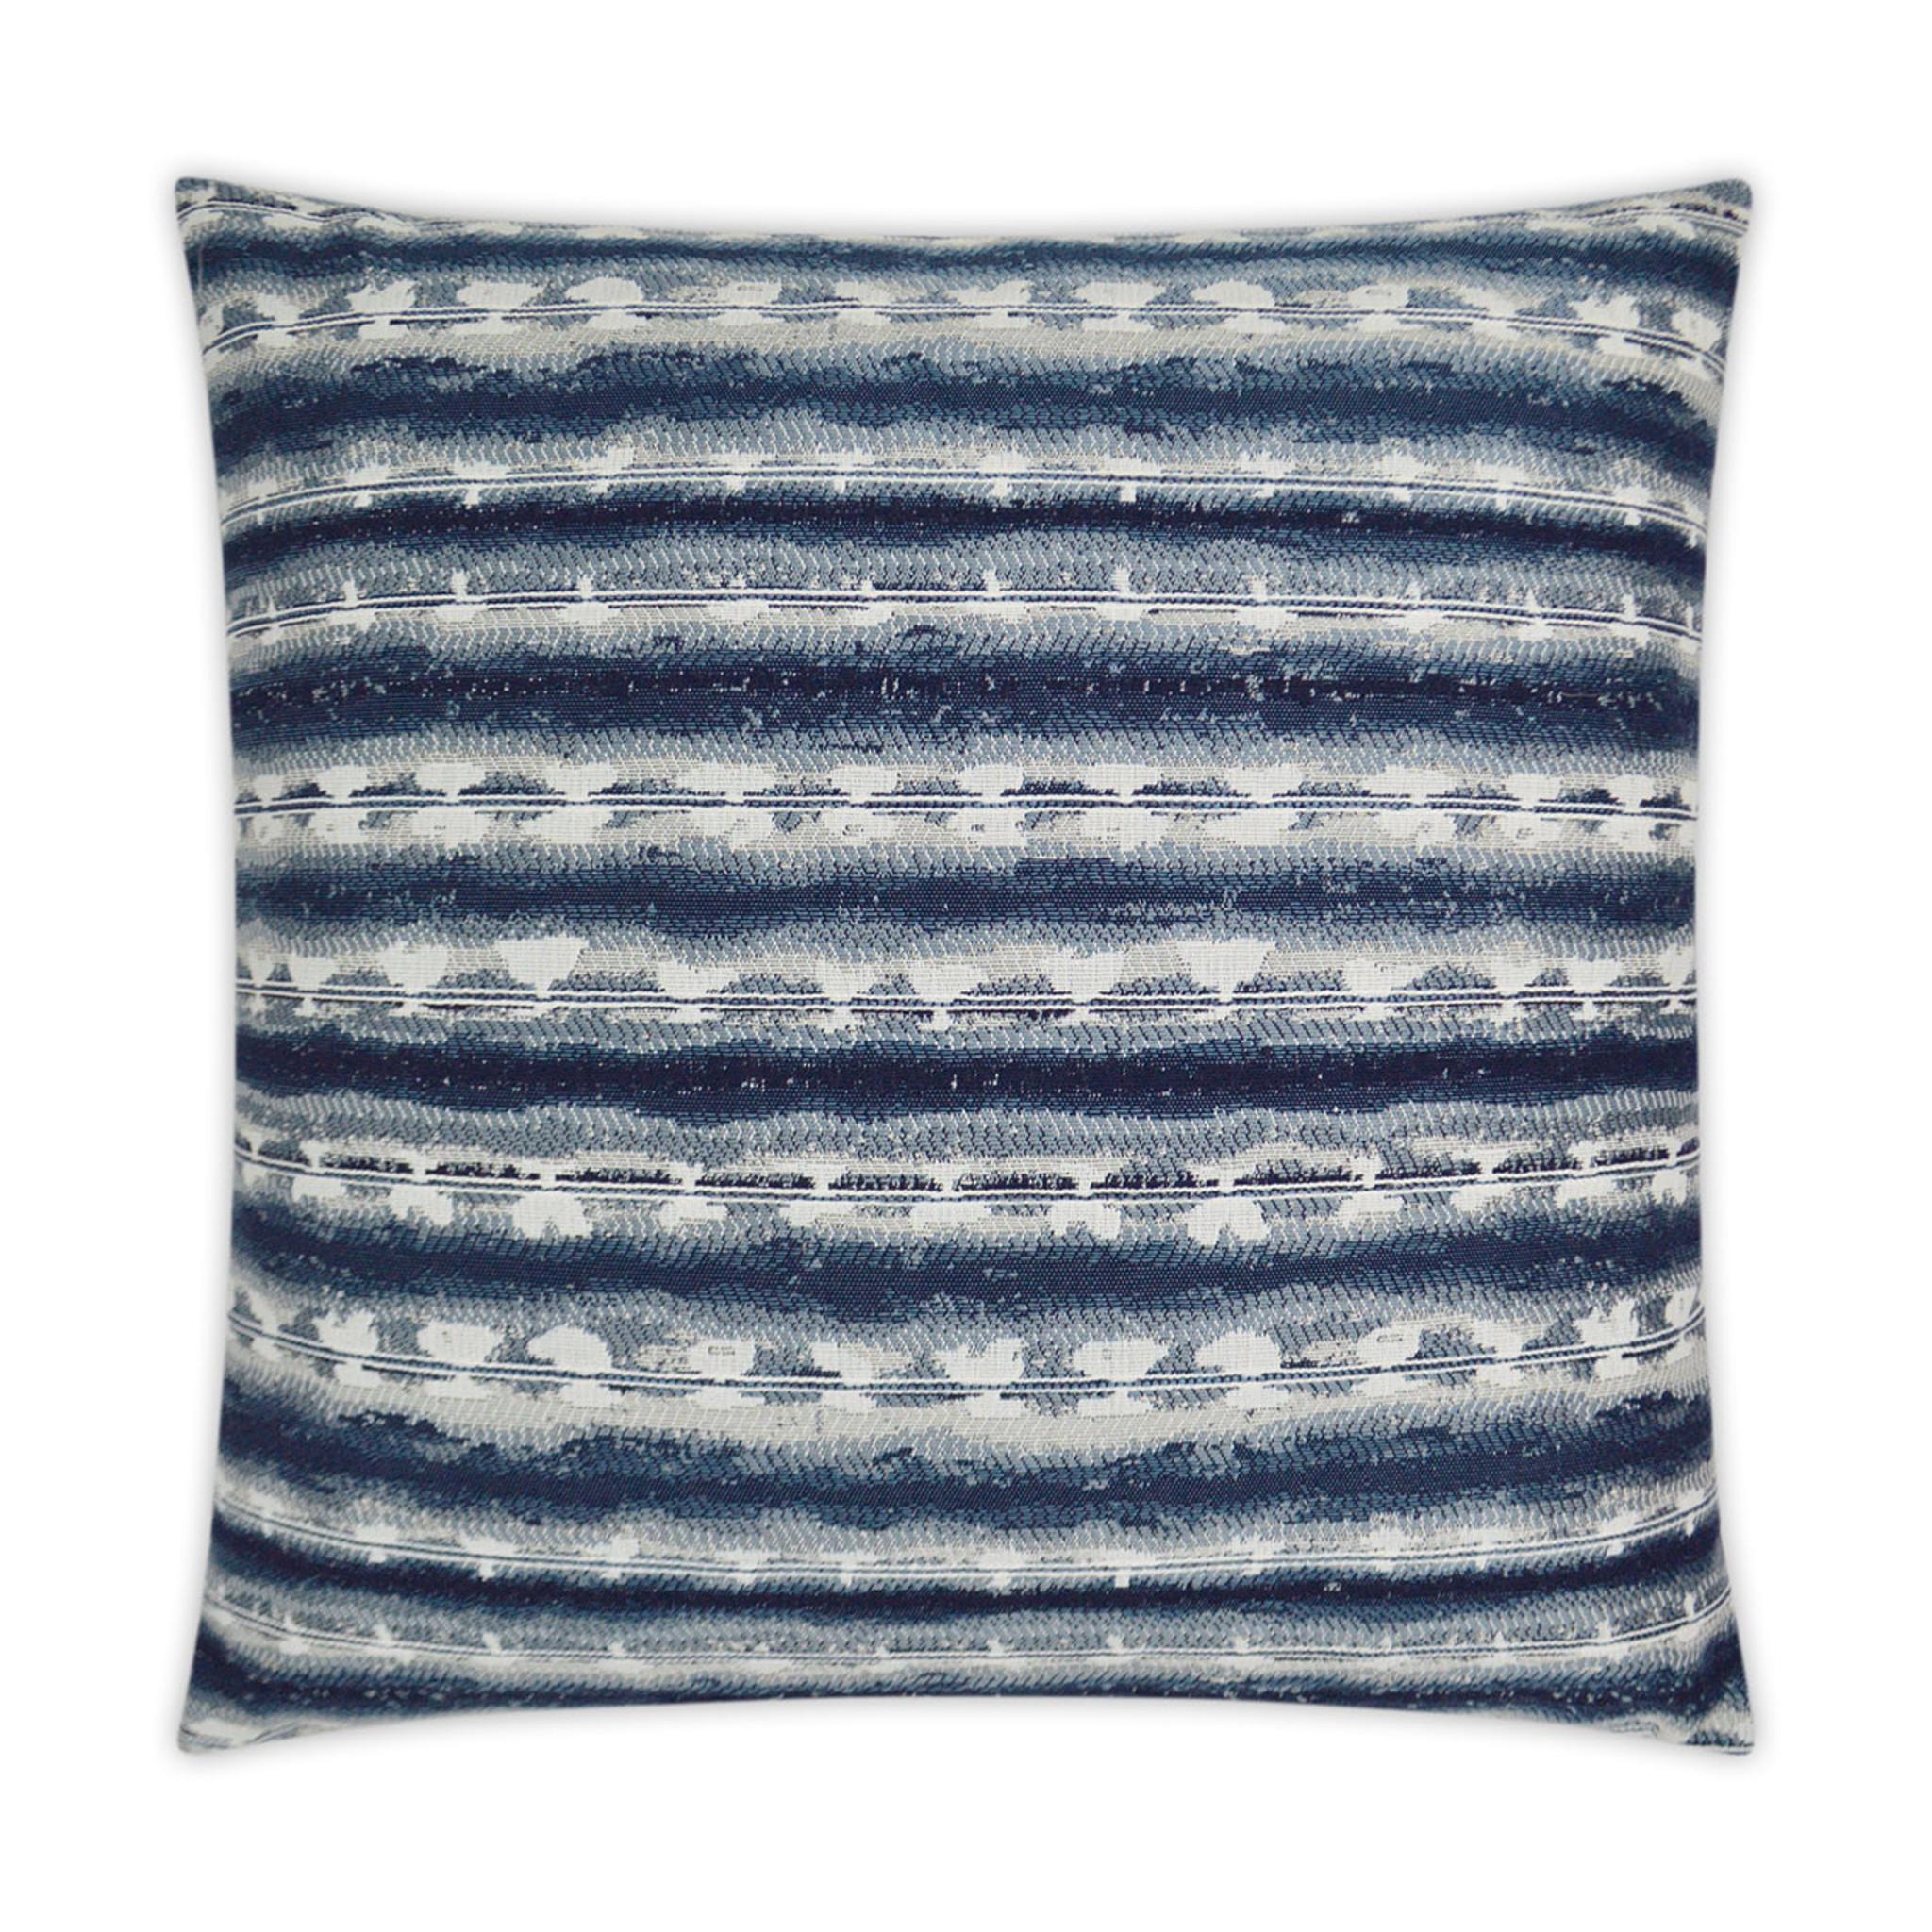 sunshibo stripe 22 x 22 navy and white pillow